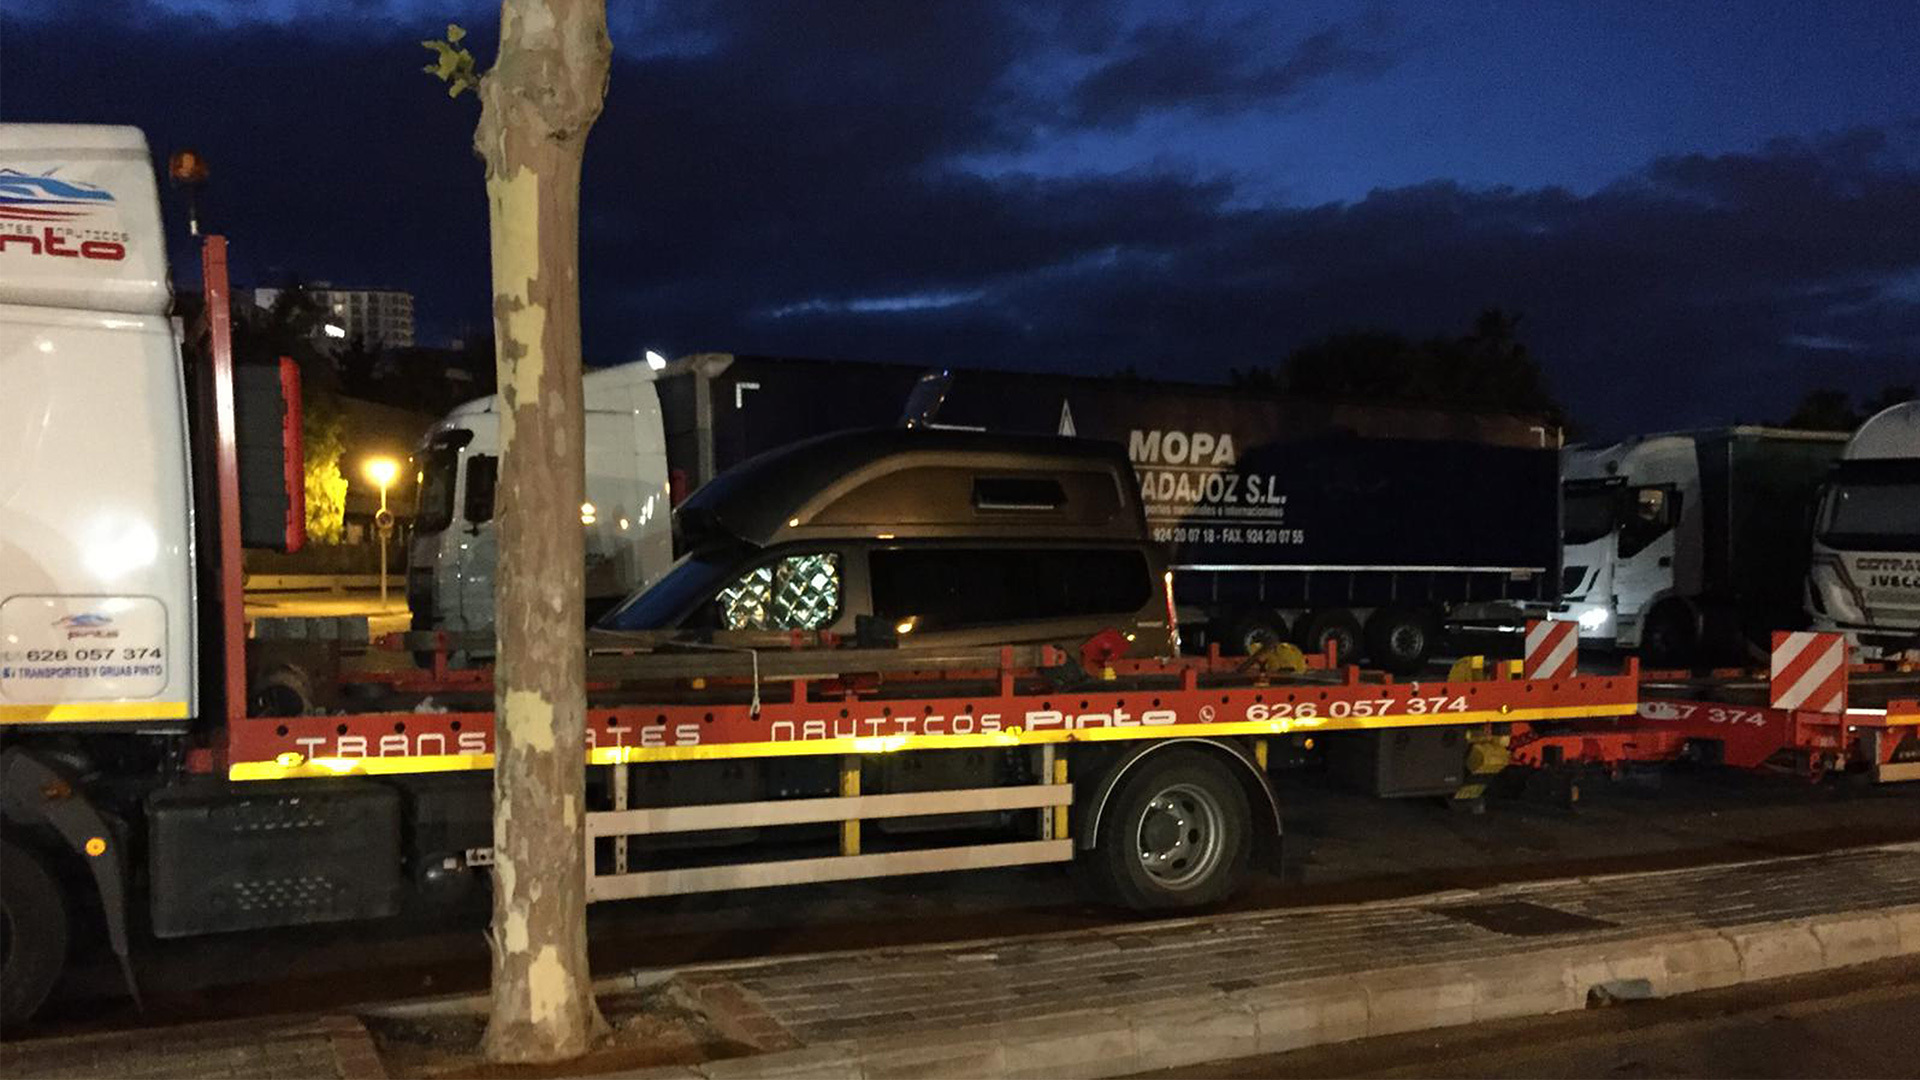 Mallorca camper van parking truck